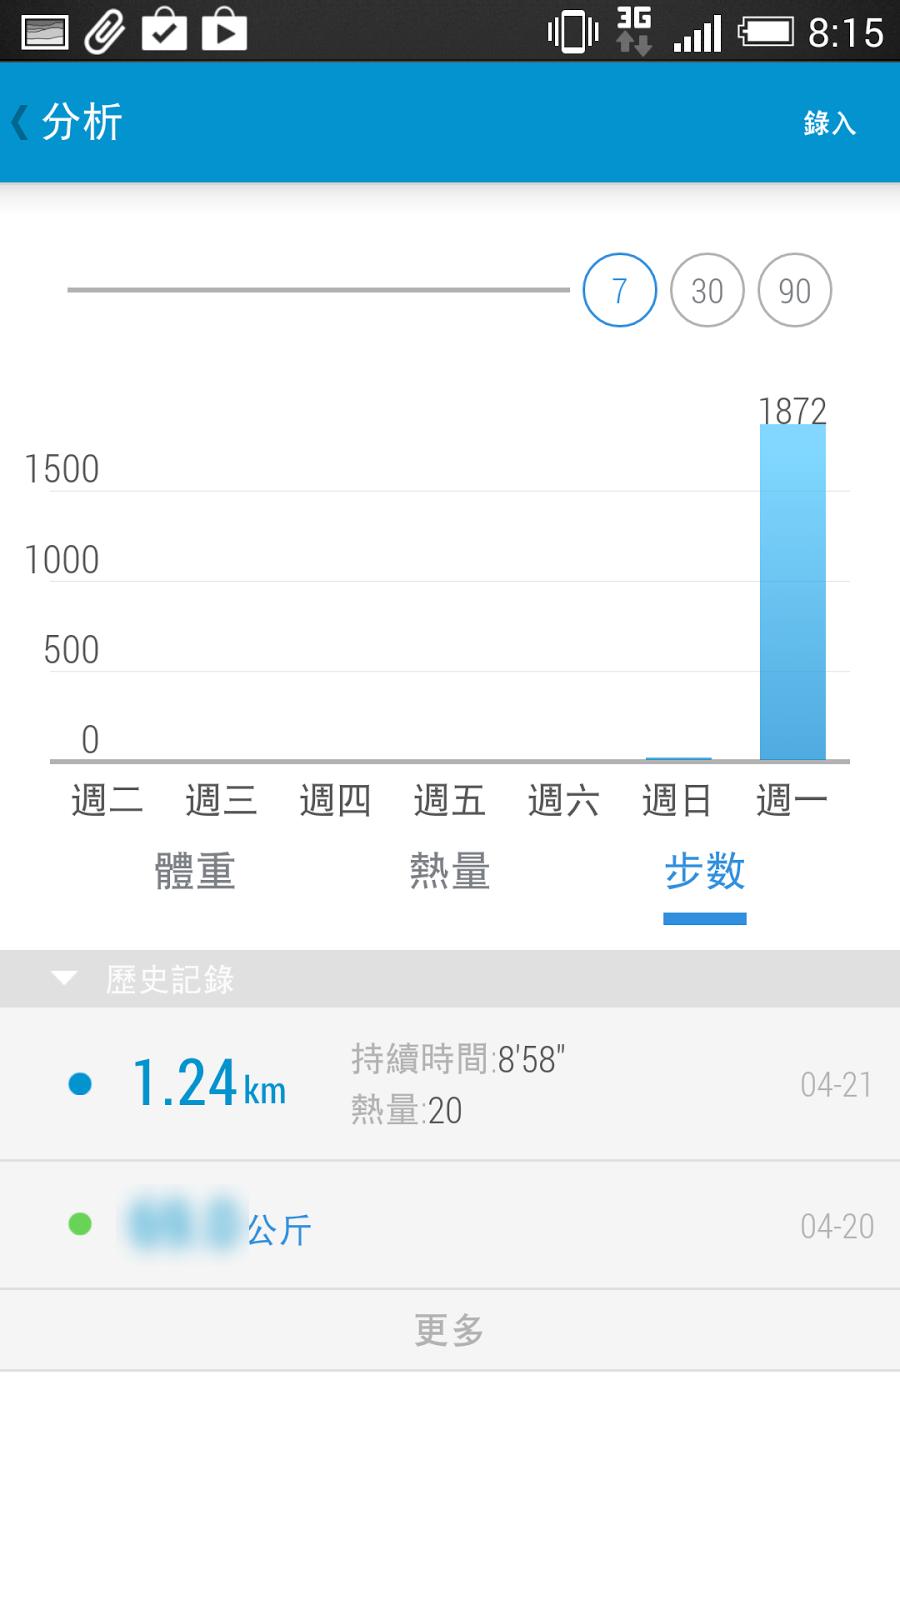 介面精美的計步器 App,熱量消耗自動計算與體重管理 %25E8%25A8%2588%25E6%25AD%25A5%25E5%2599%25A8-05